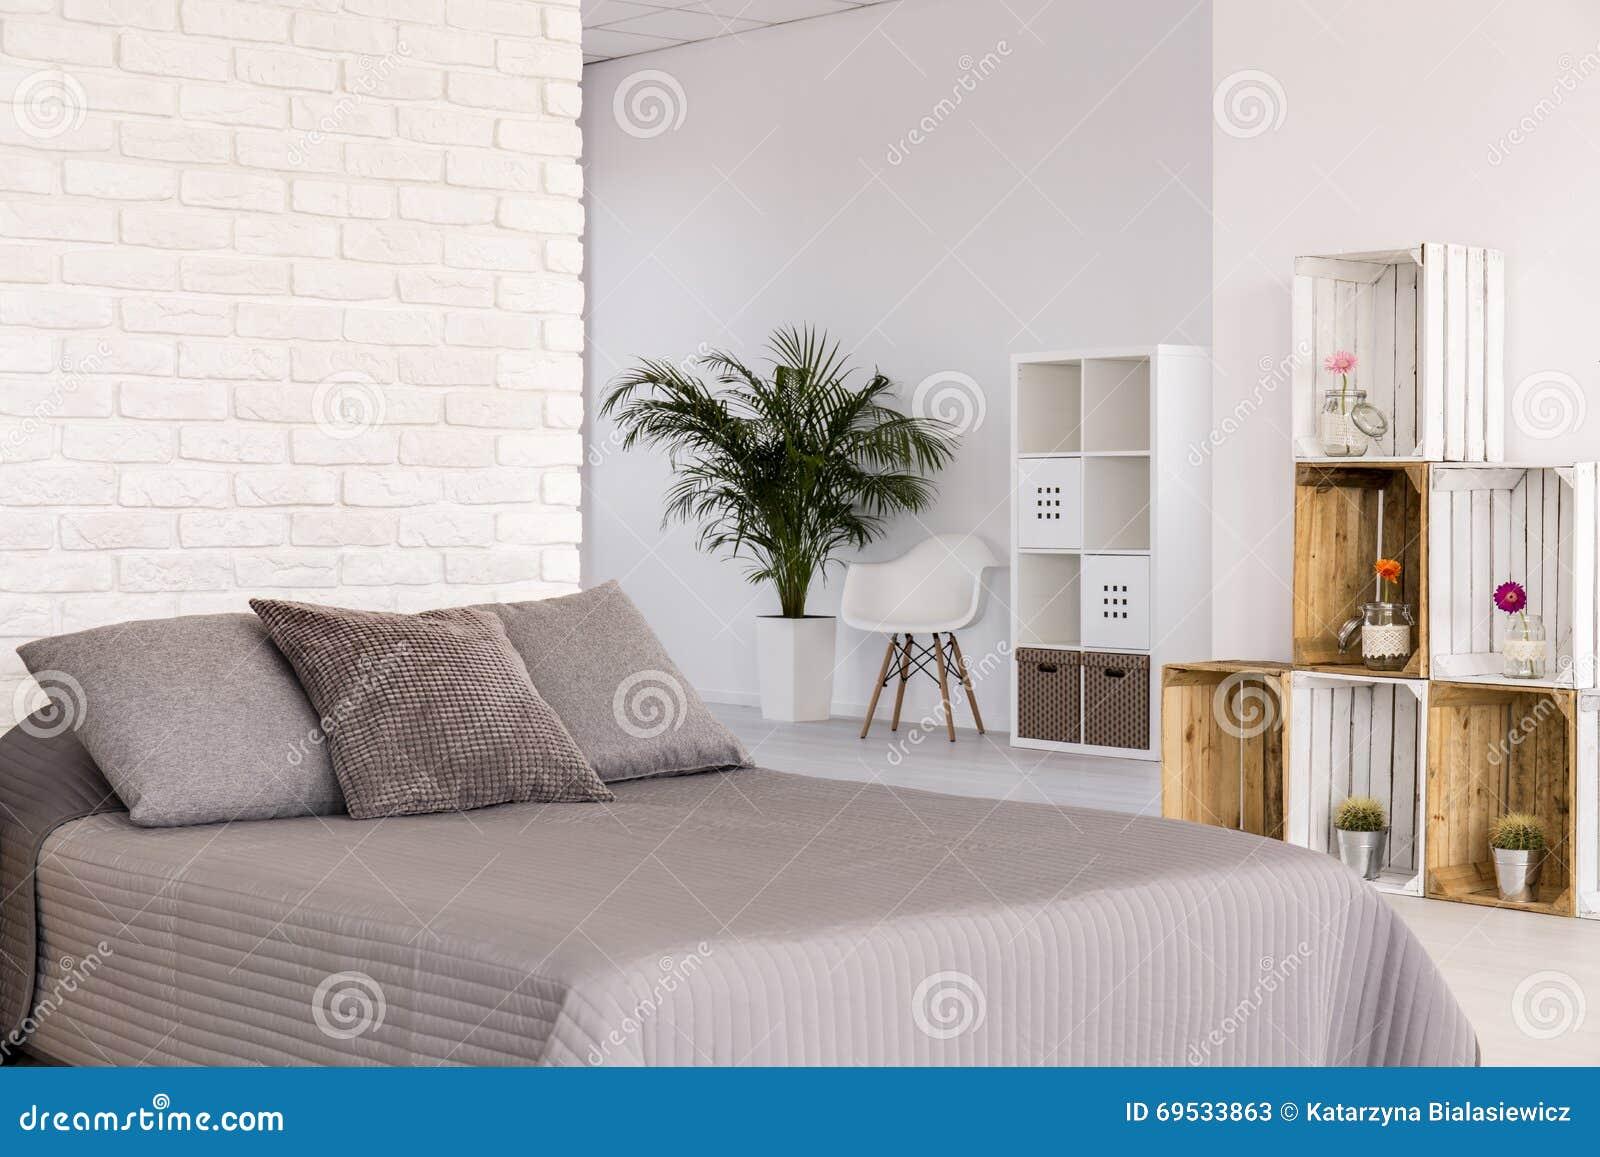 Camera Da Letto Stile Anni 80 : Camera da letto anni 80. amazing un caldo chalet di design camera da